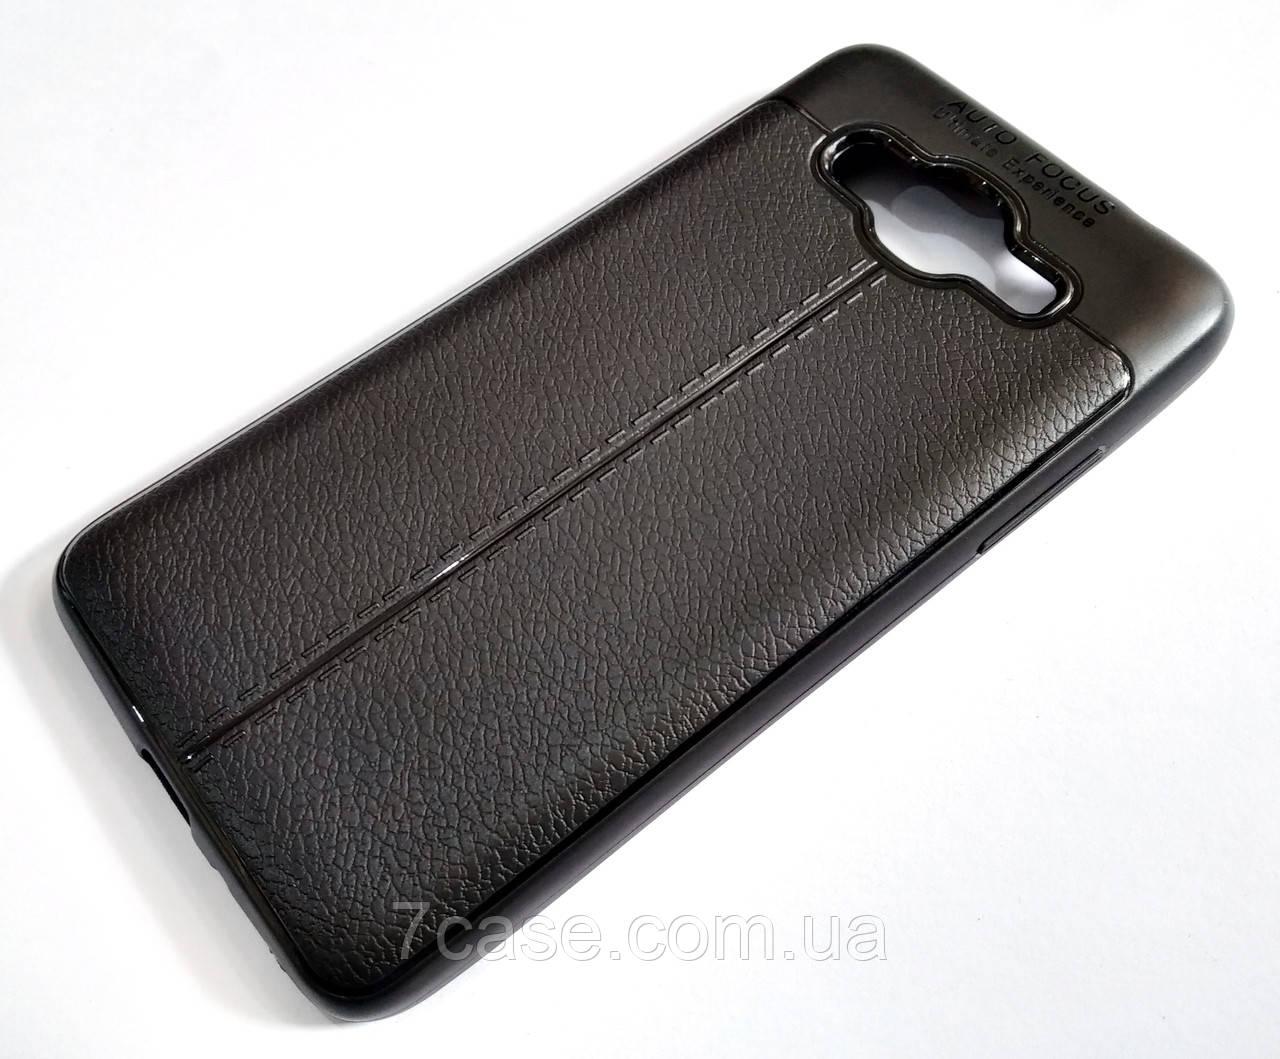 """Чехол для Samsung Galaxy J2 Prime G532 силиконовый Autofocus """"под кожу""""черный"""